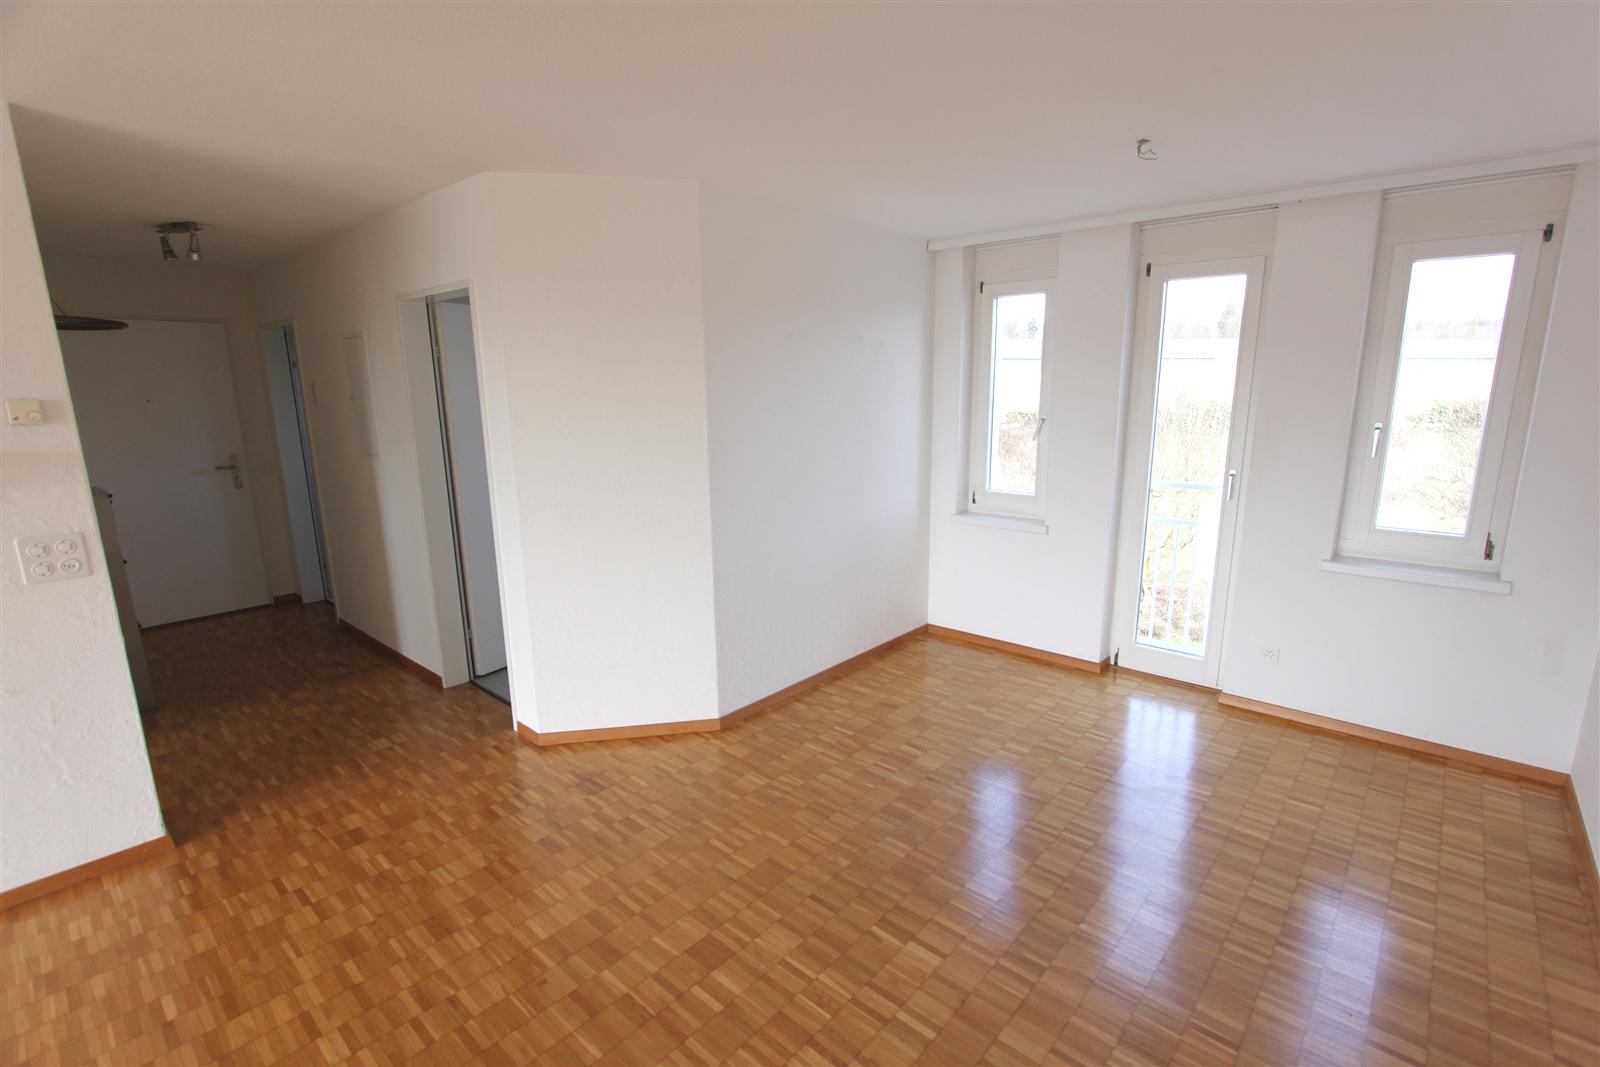 04 Interior Hoegernweg - 015